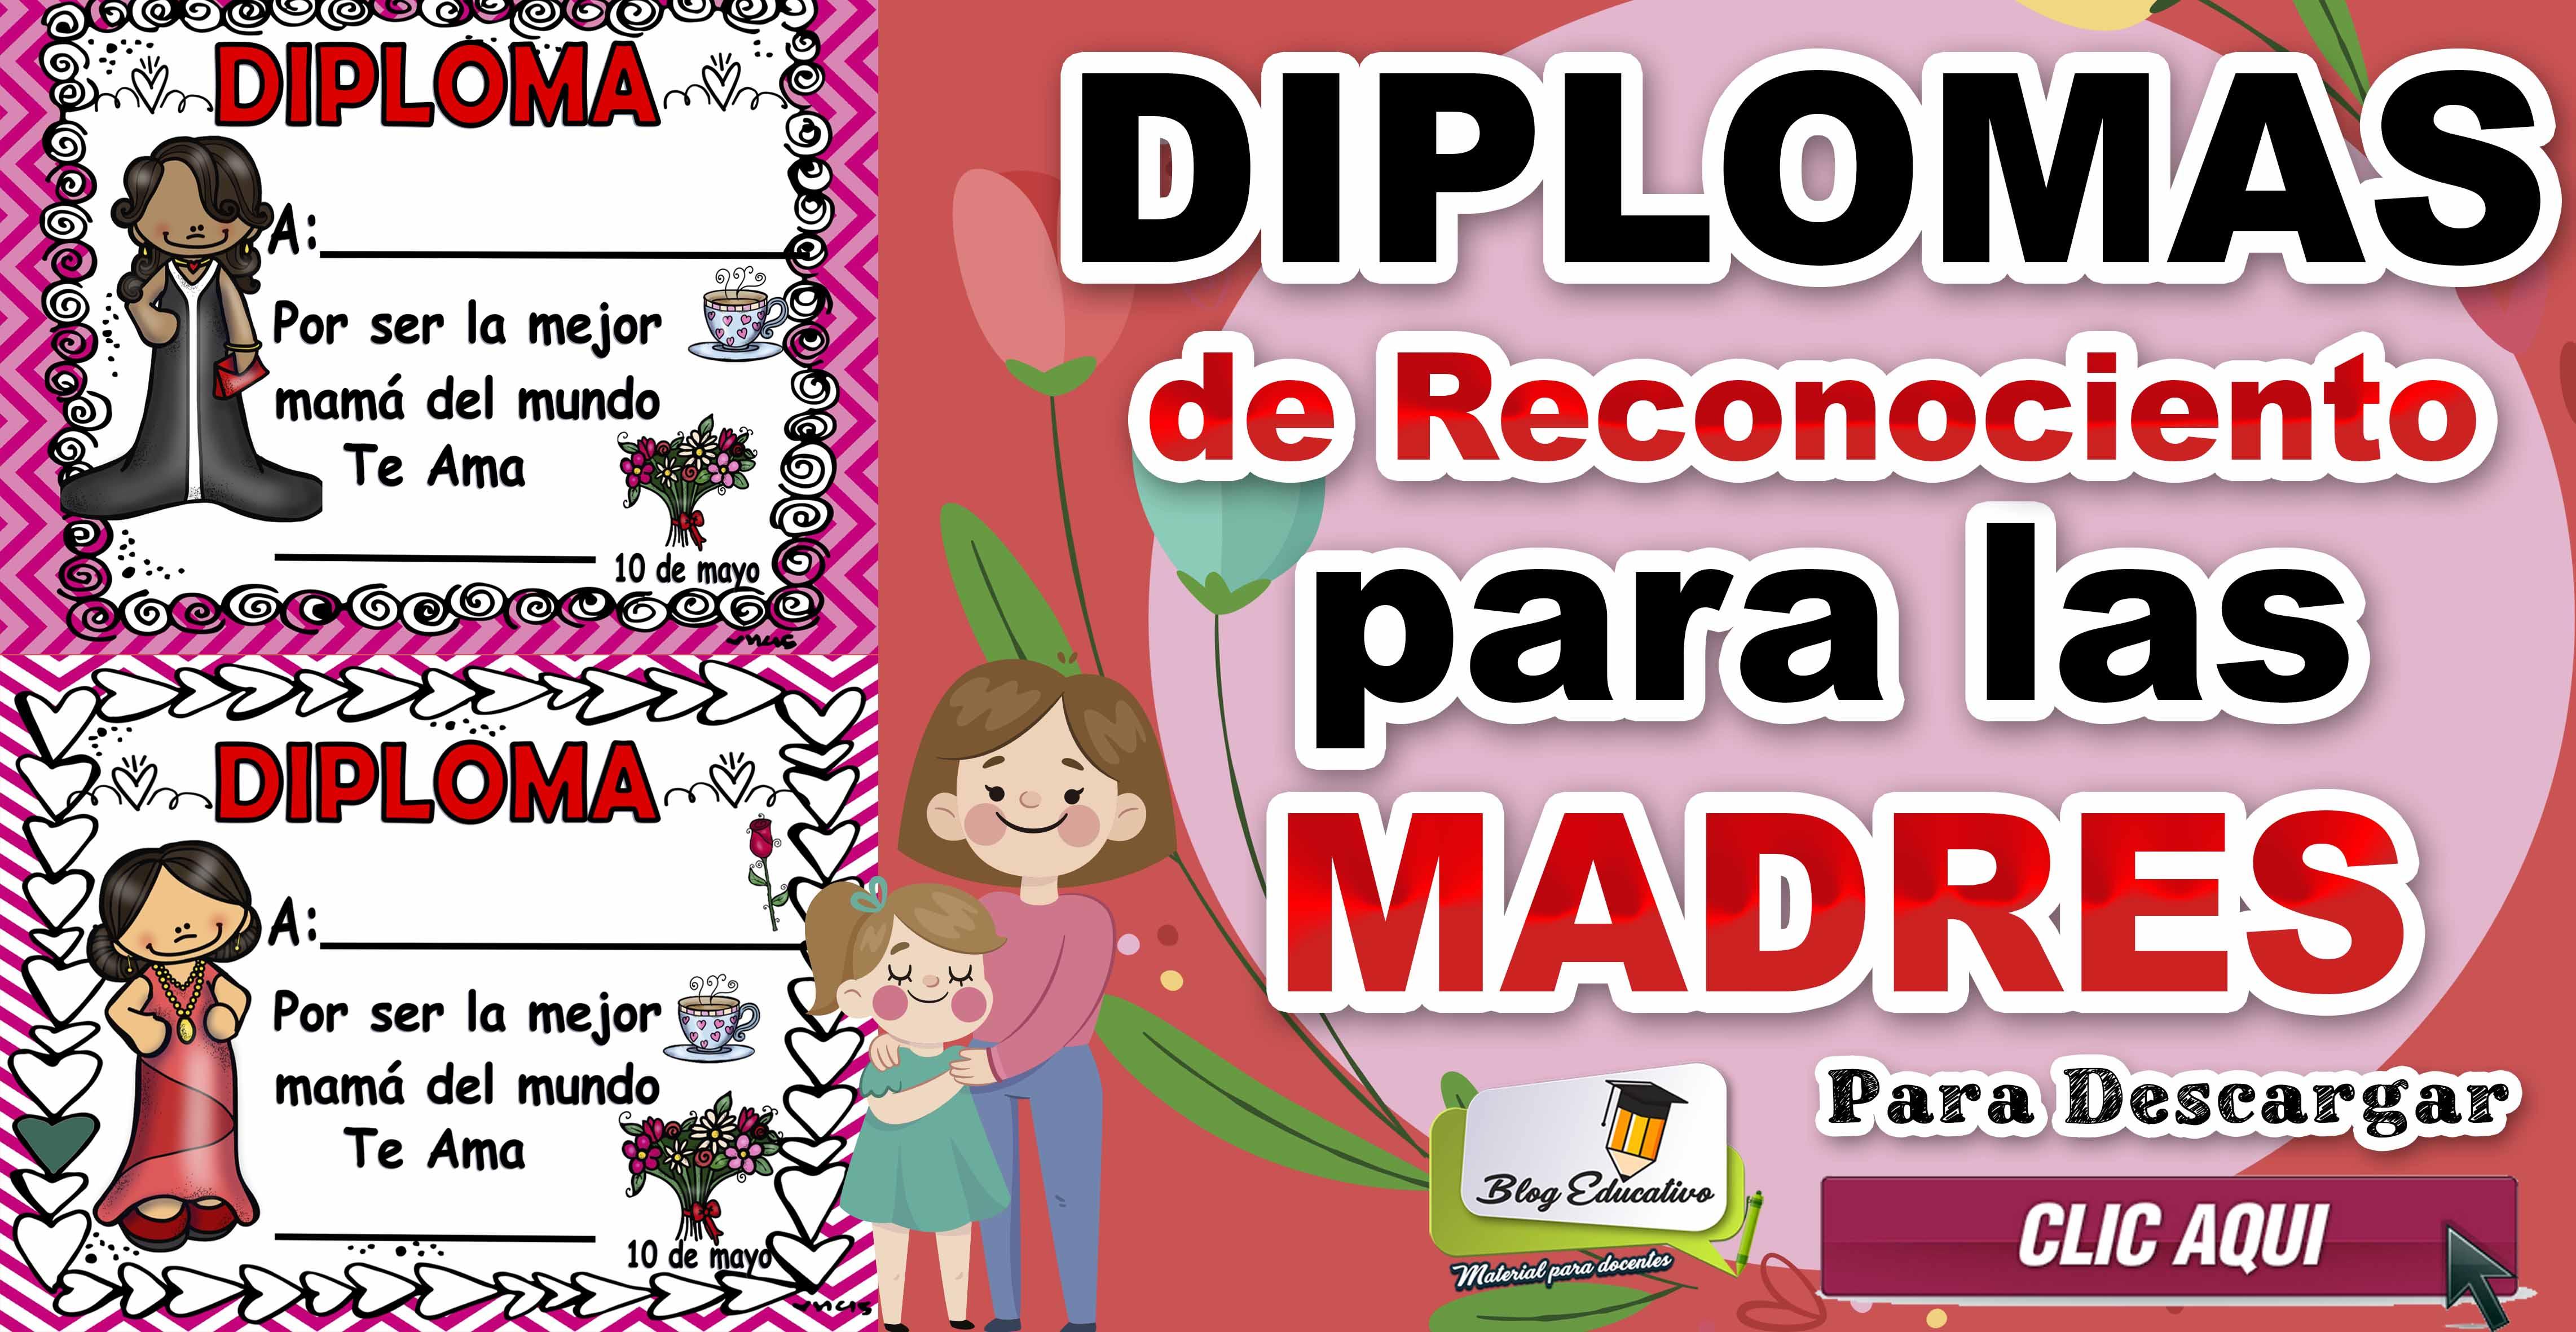 Diplomas de Reconocimiento para las madres - Blog Educativo